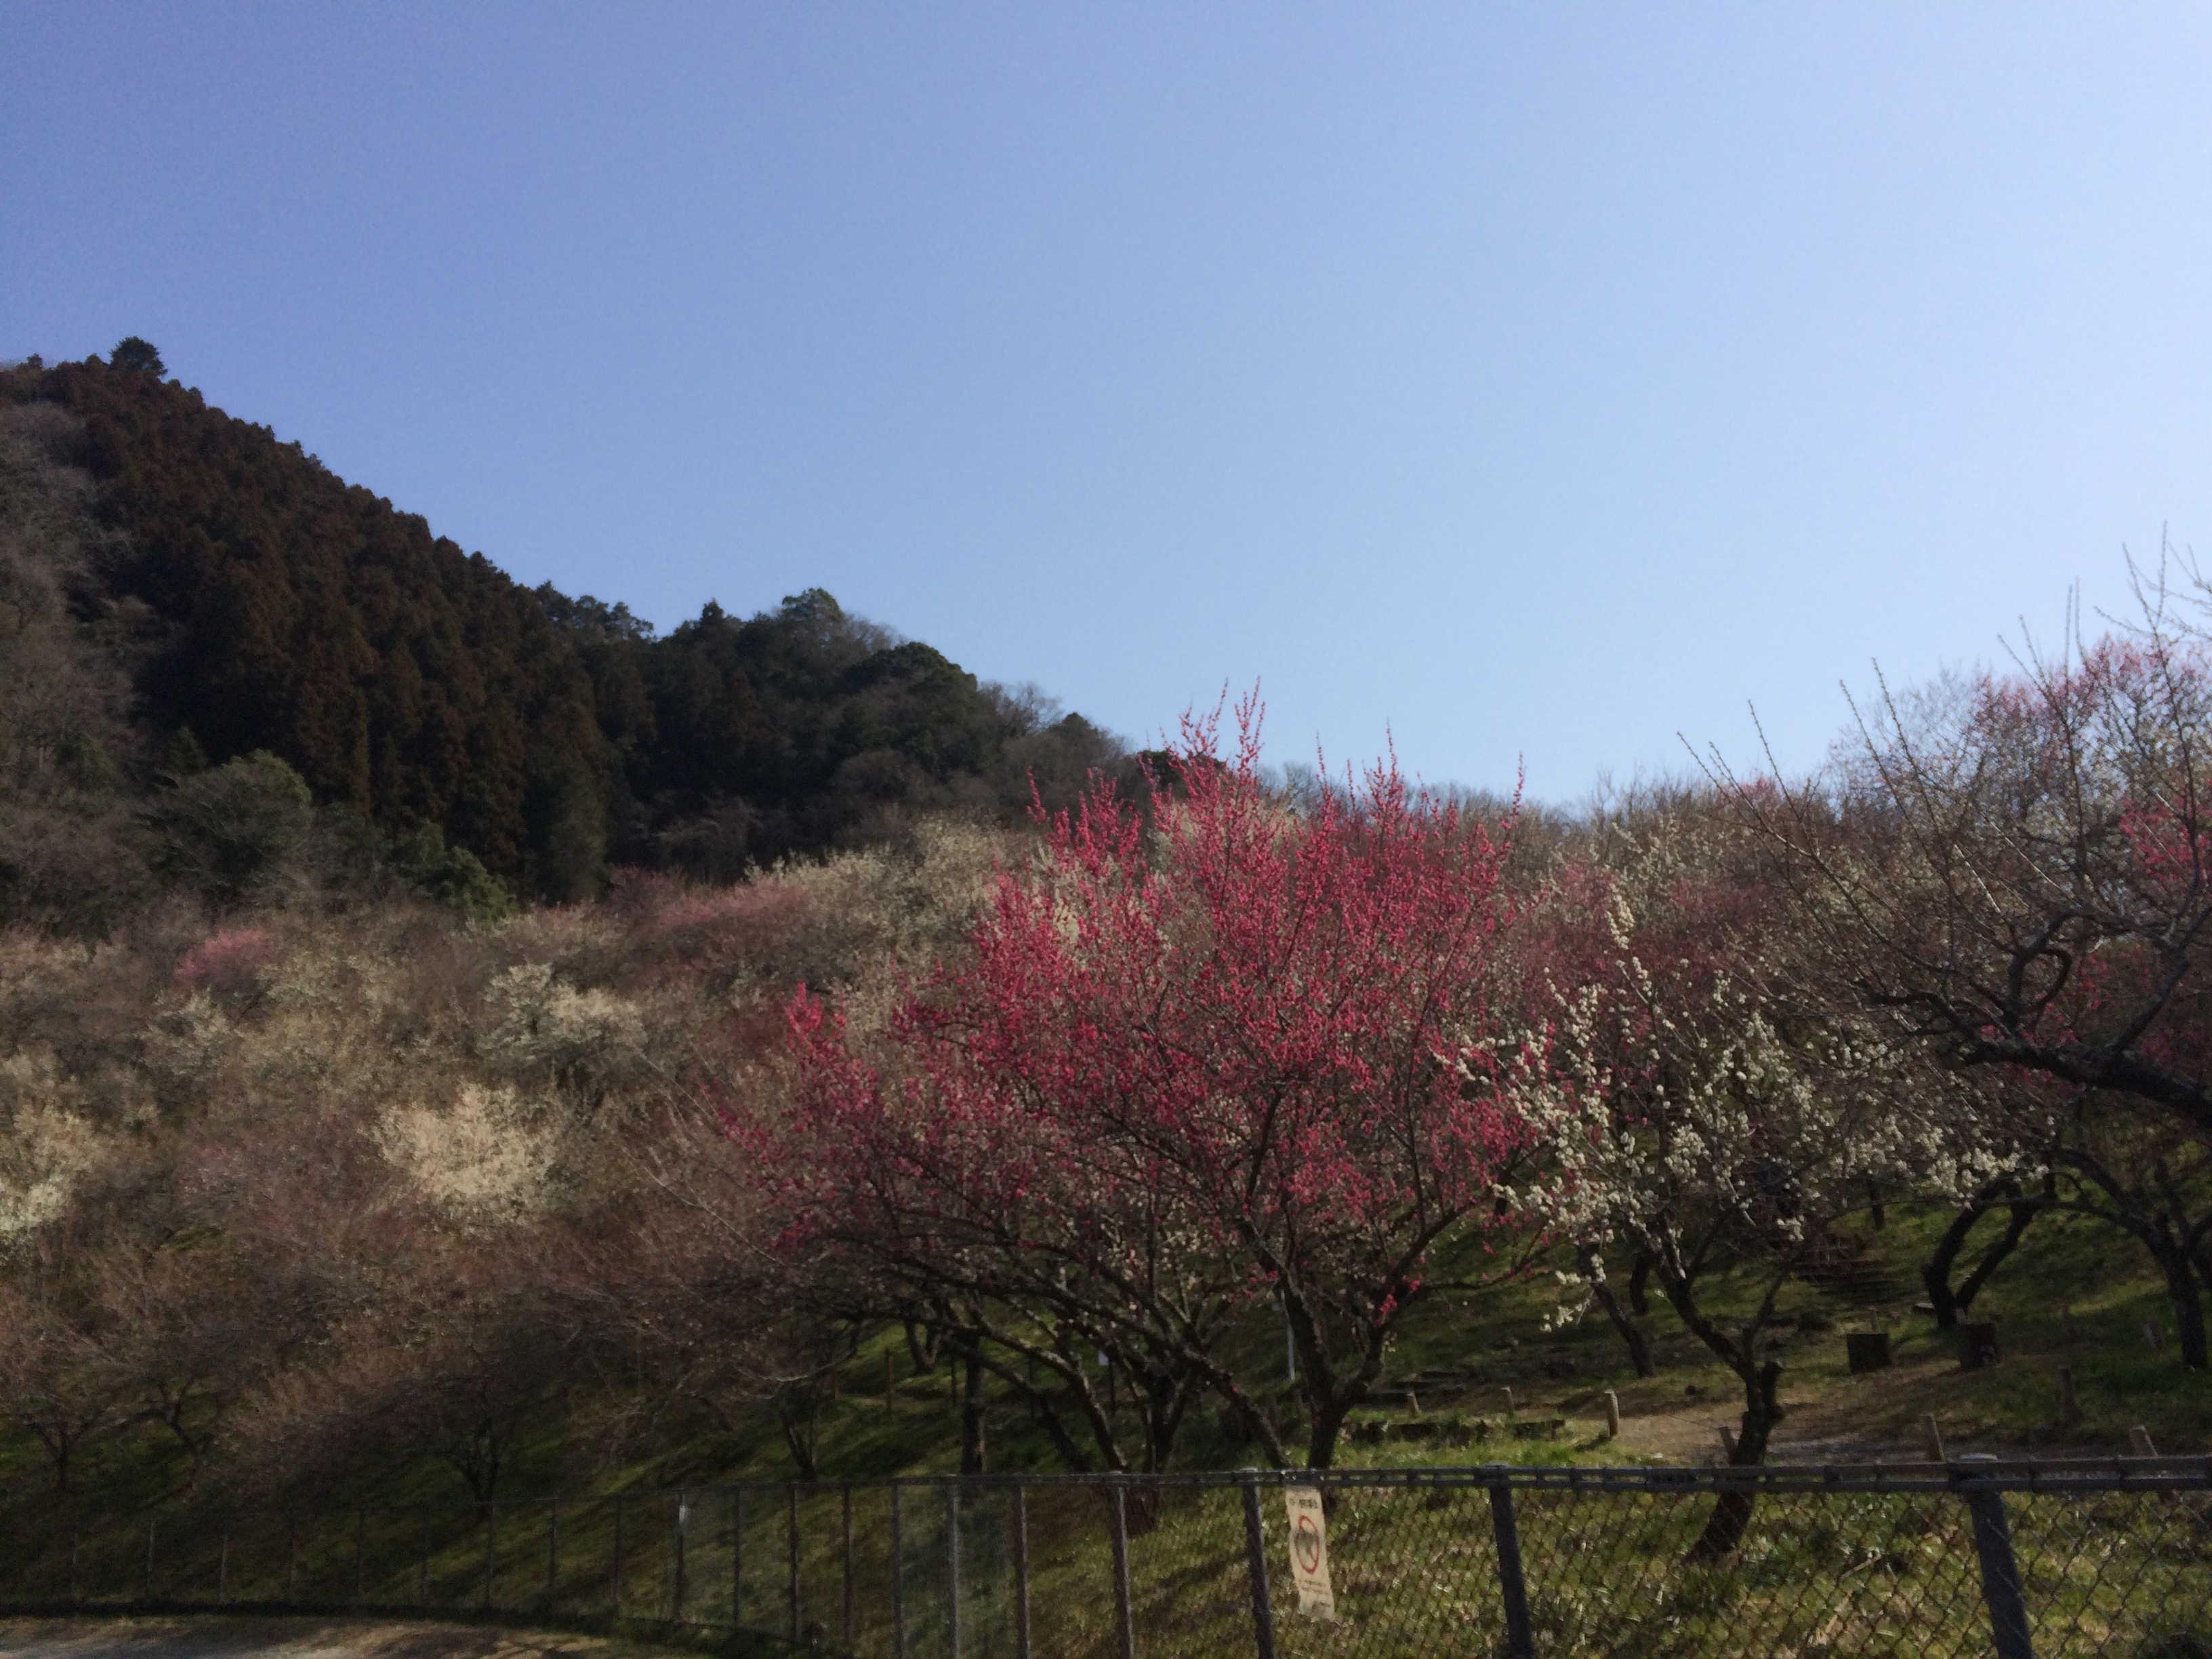 駐車場から木下沢梅林の景観